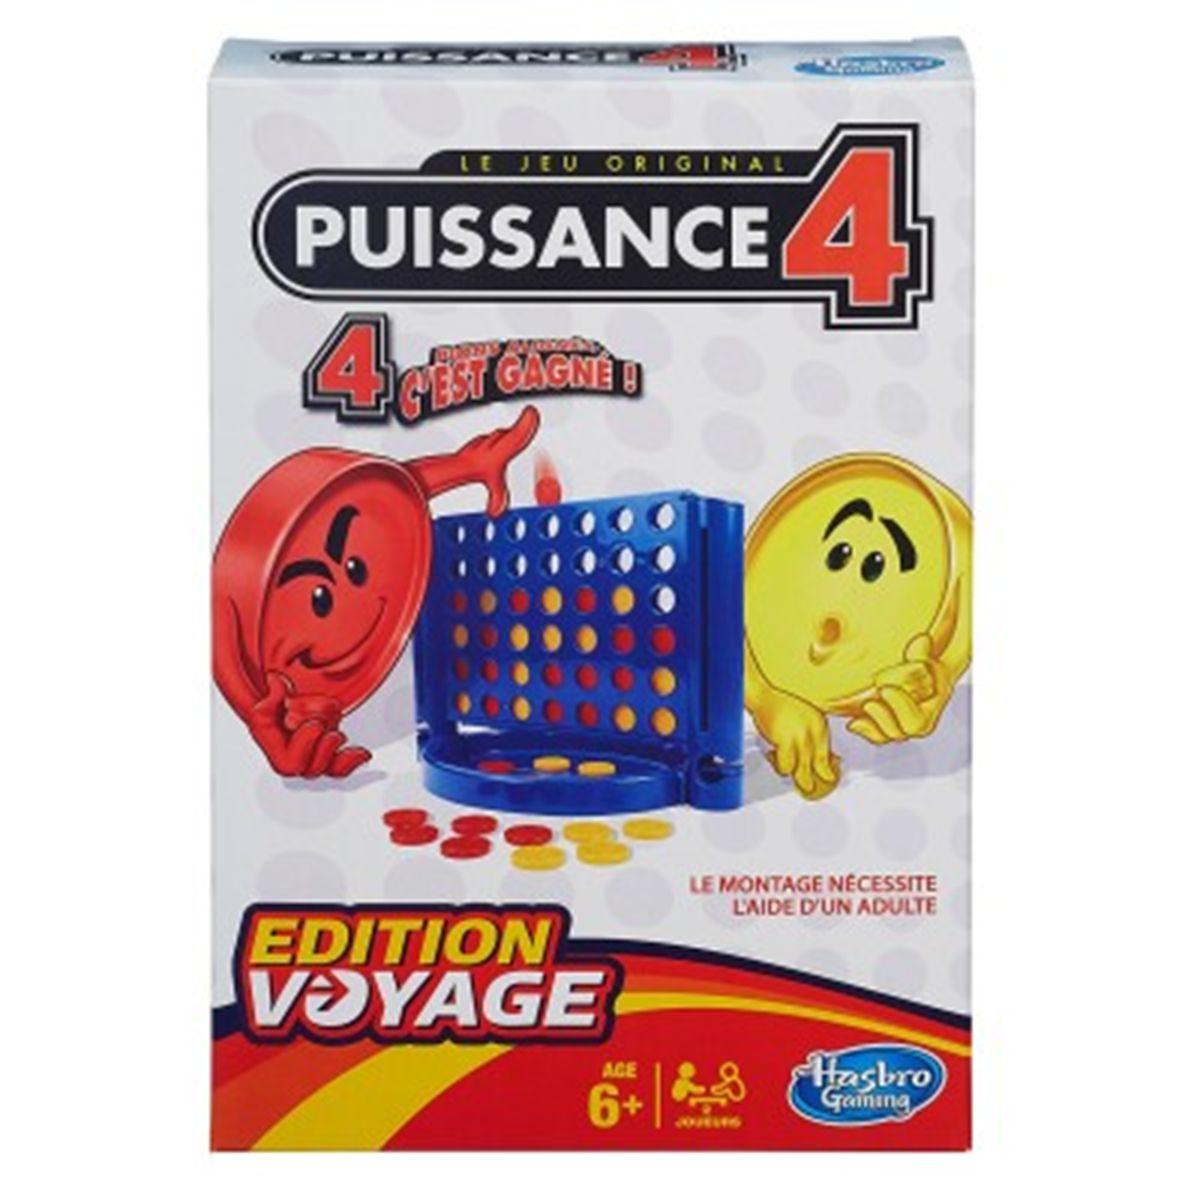 Puissance 4 Edition Voyage - Jeux De Société Et Puzzles - La serapportantà Jeux Du Puissance 4